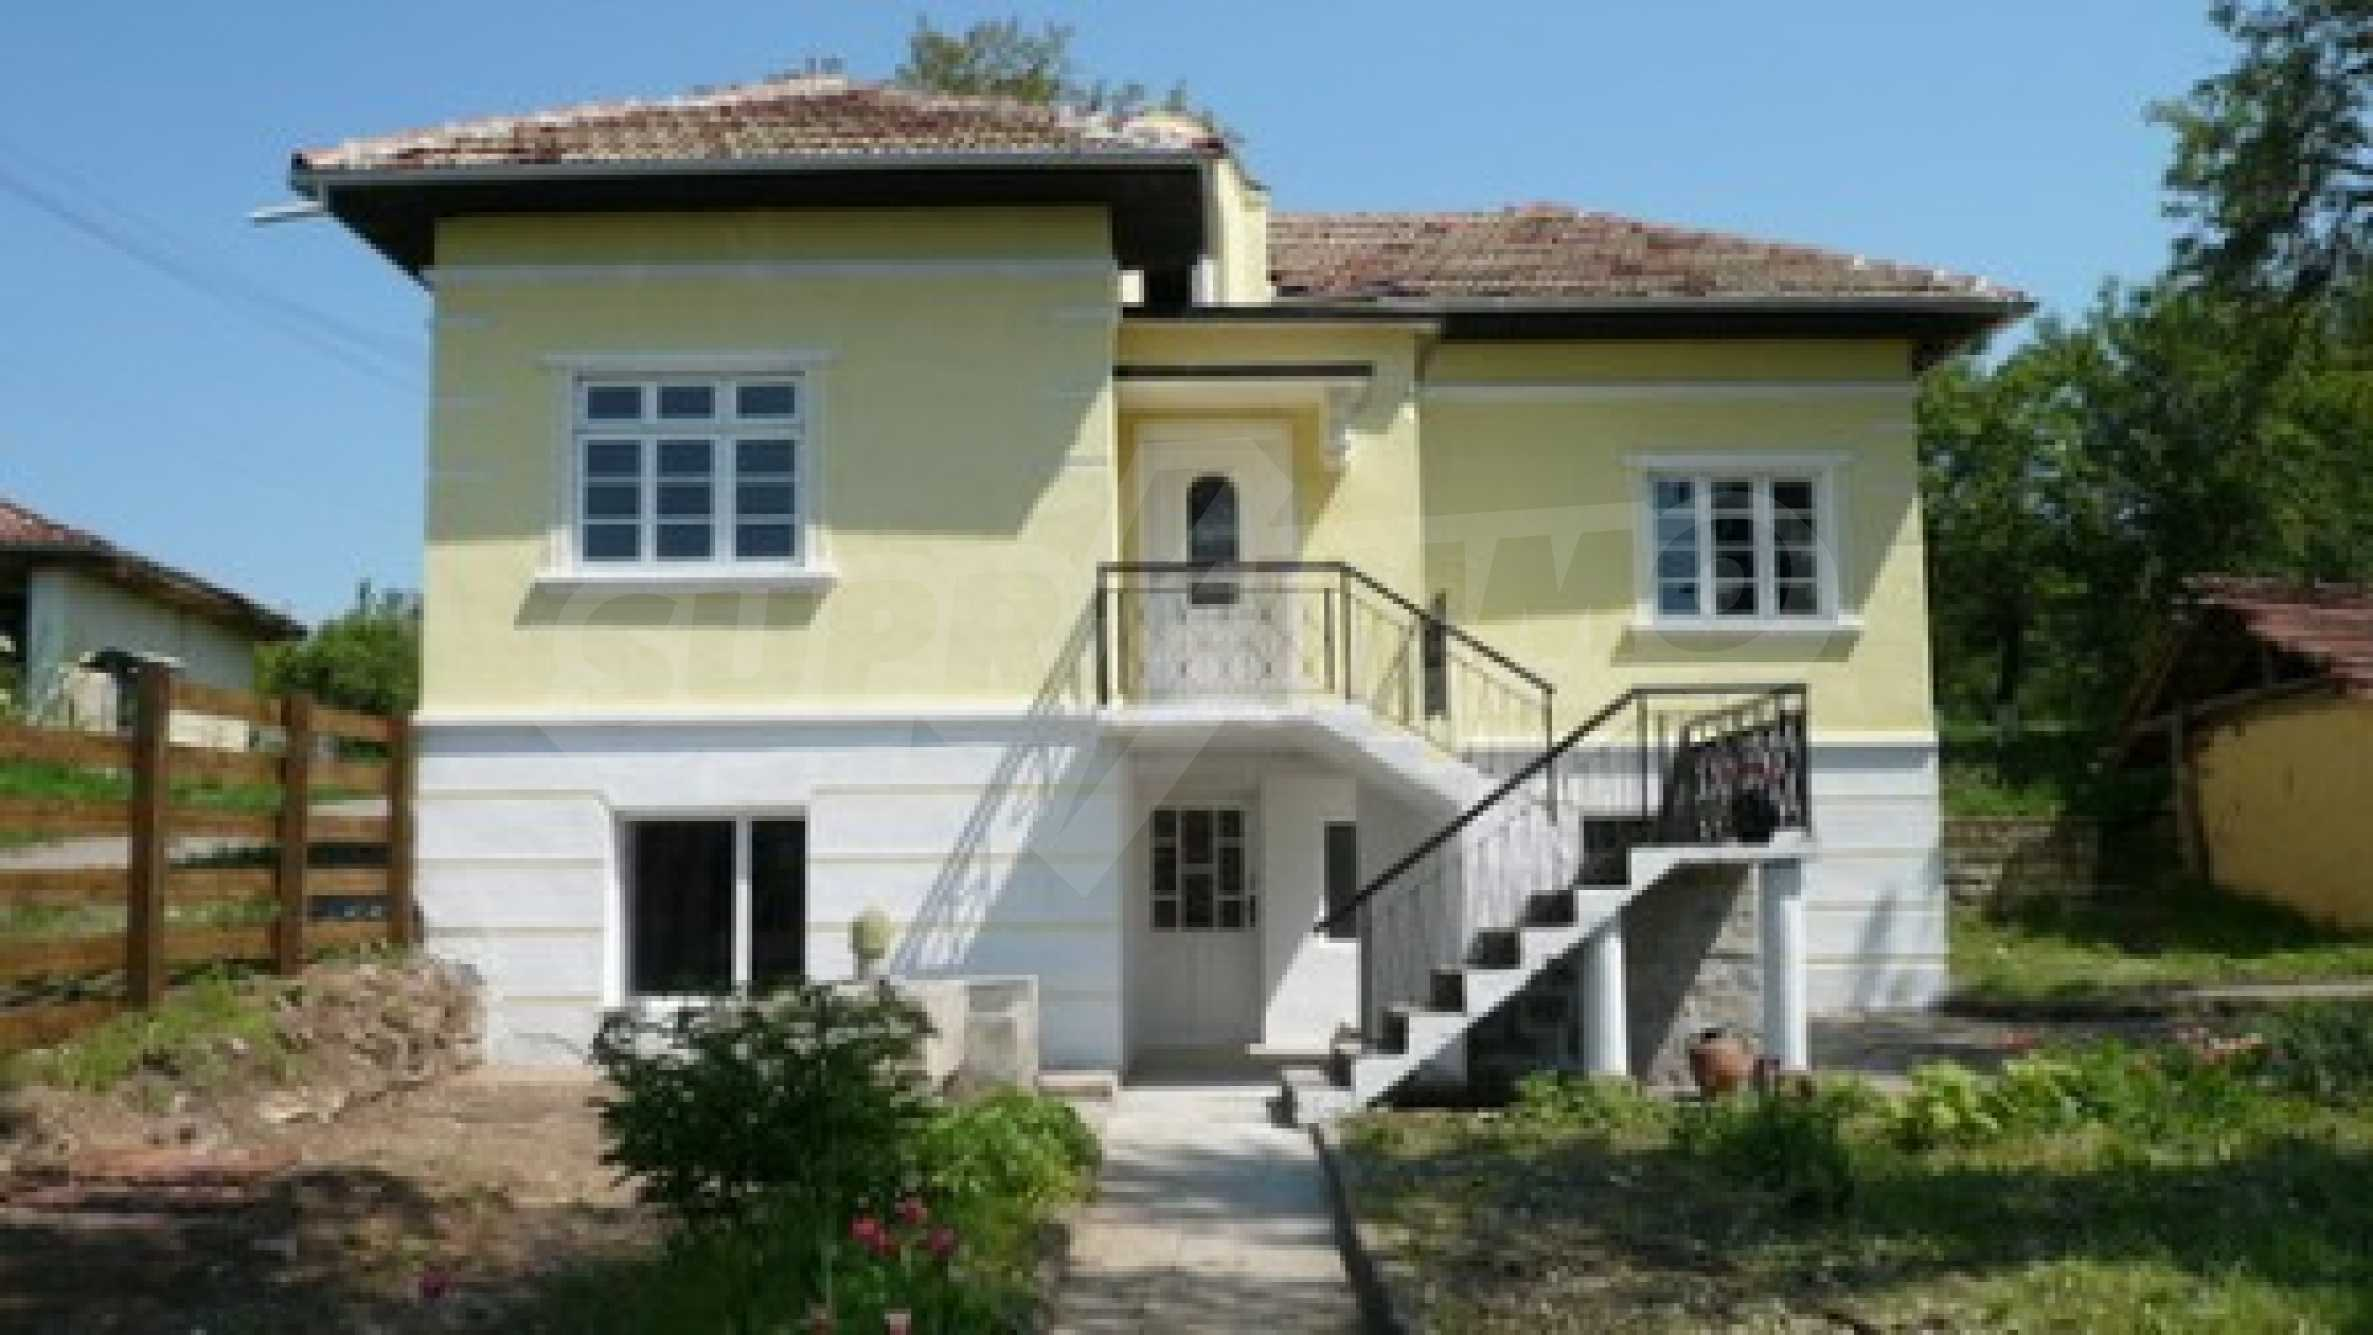 Geräumiges zweistöckiges Haus im Dorf Bistrentsi, Ruse